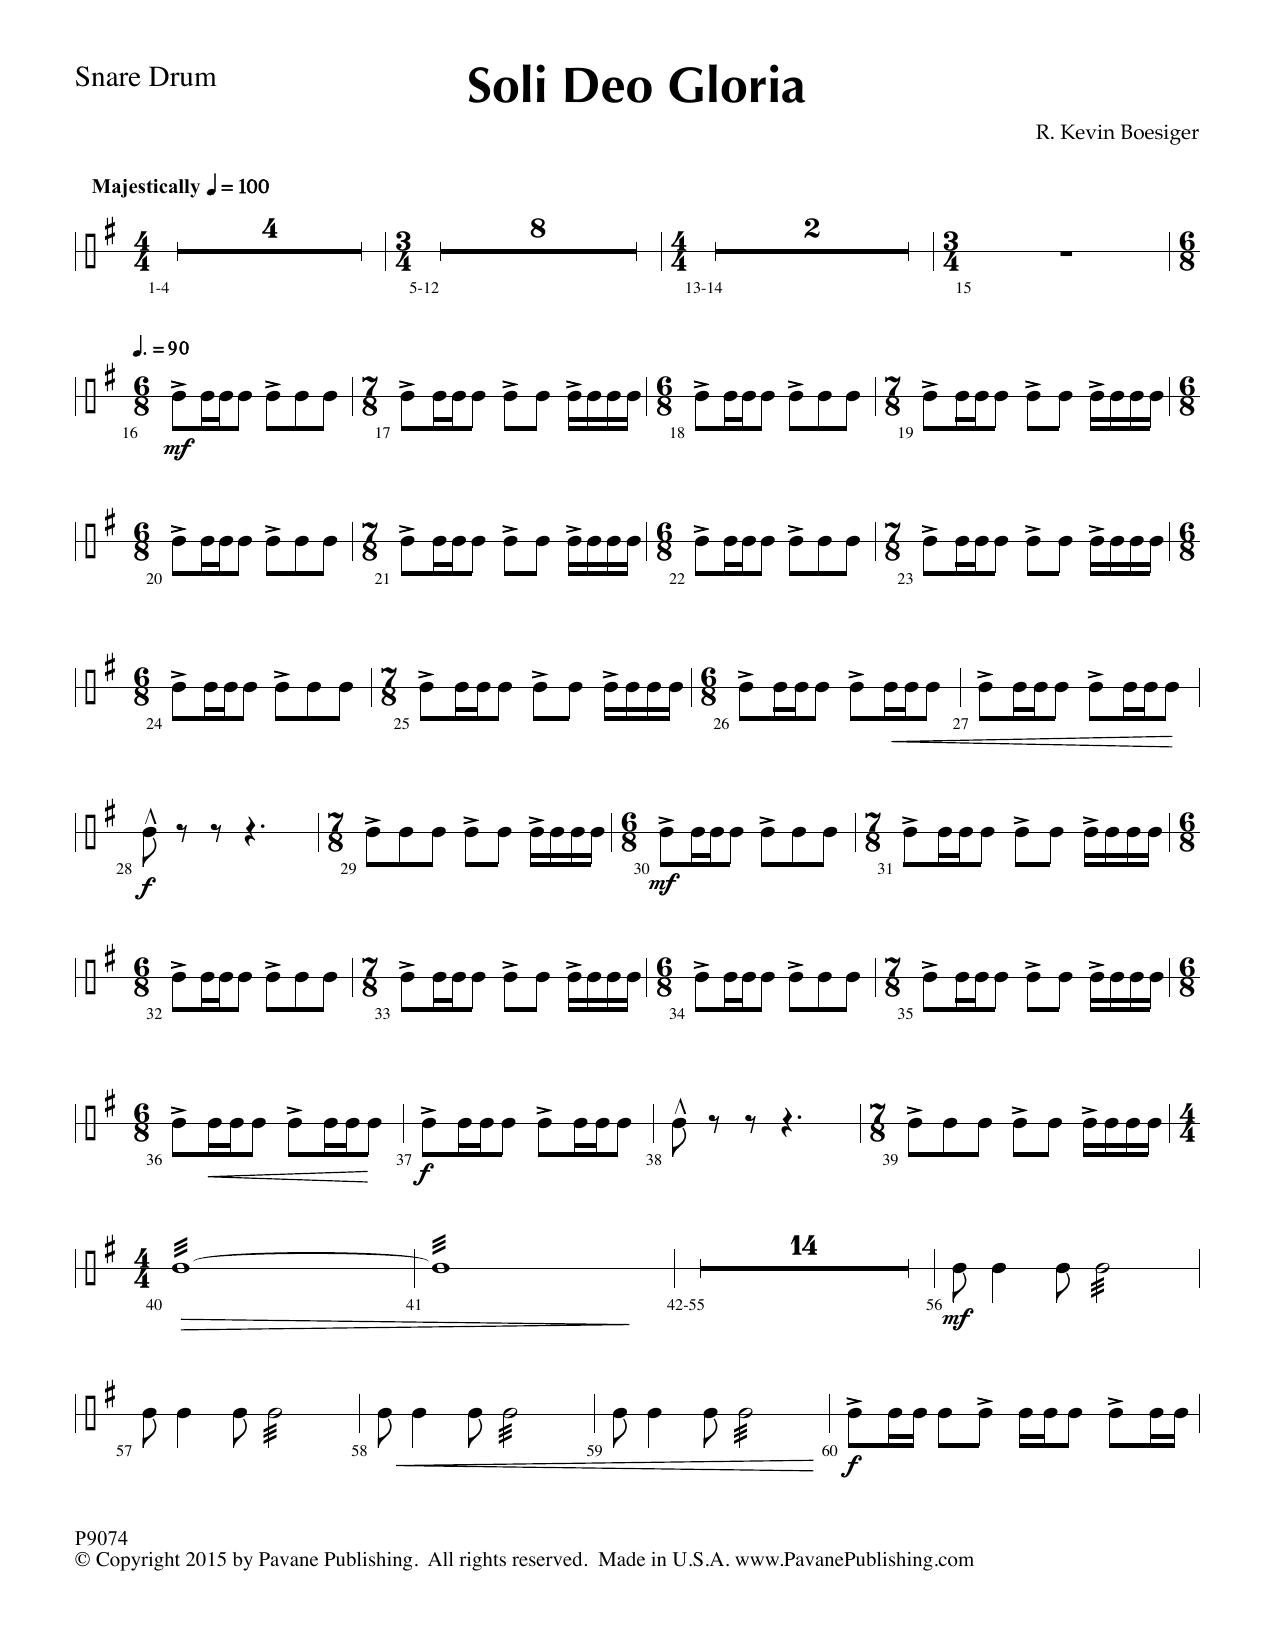 Soli Deo Gloria - Snare Drum